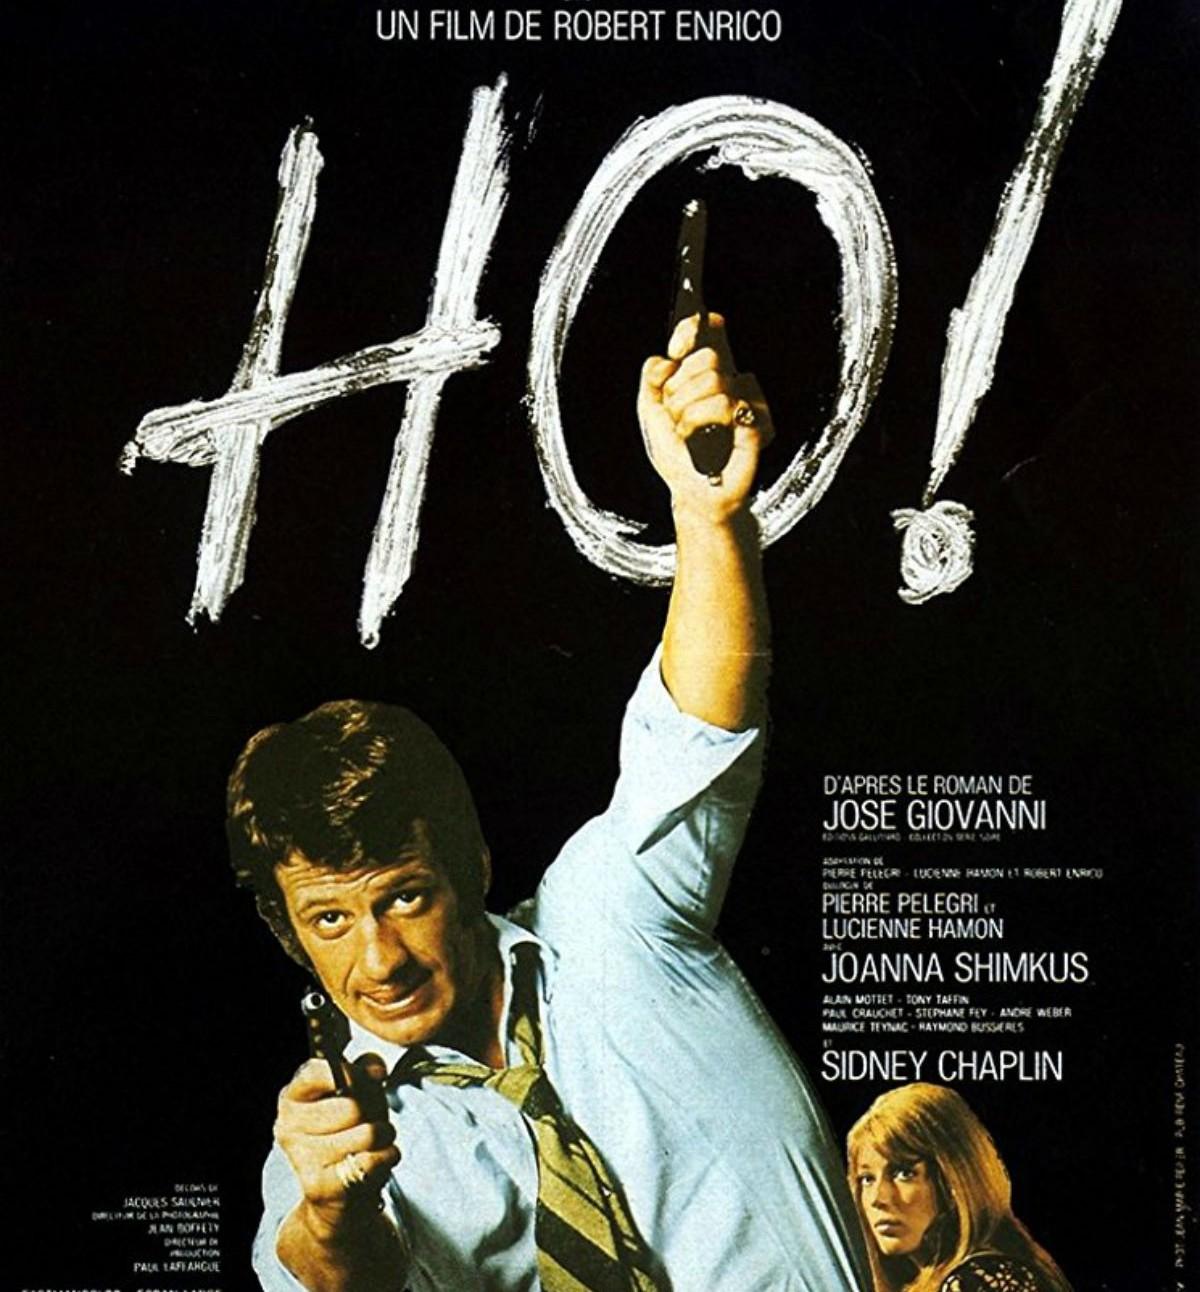 Ciné-patrimoine : Ho ! - MOURENX